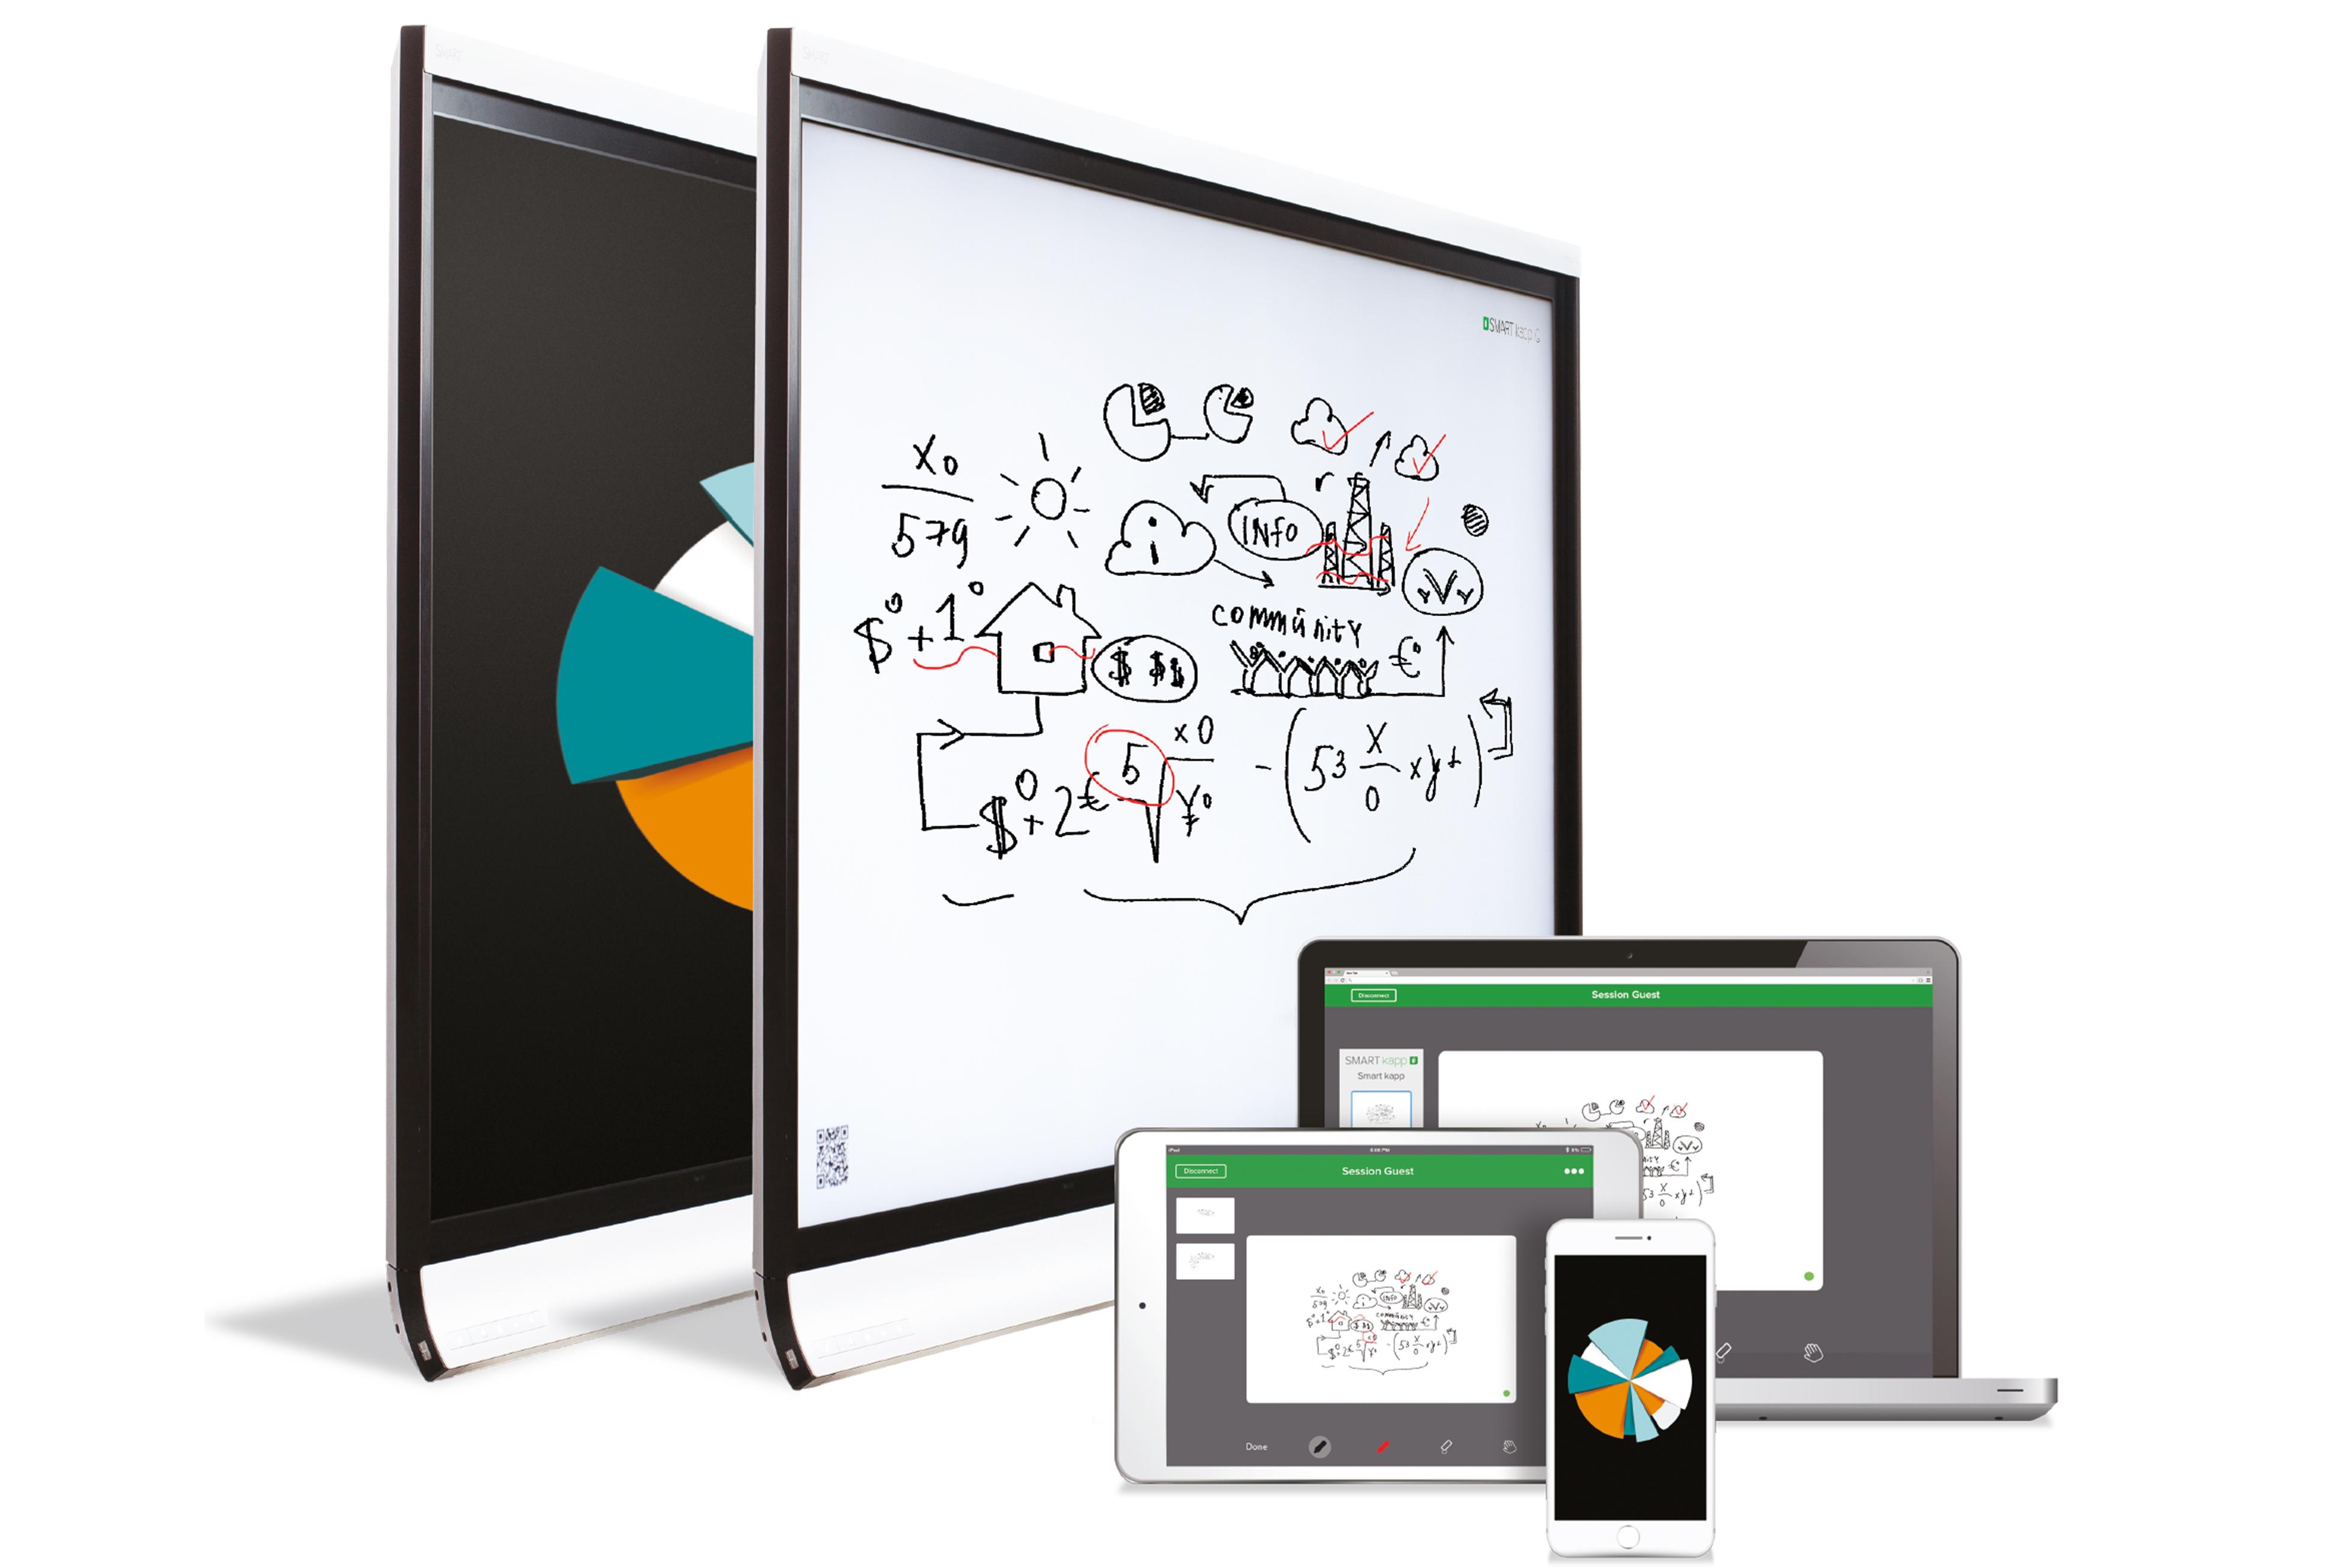 SMART kapp iQ interaktiv touch skjerm til møterom, stort